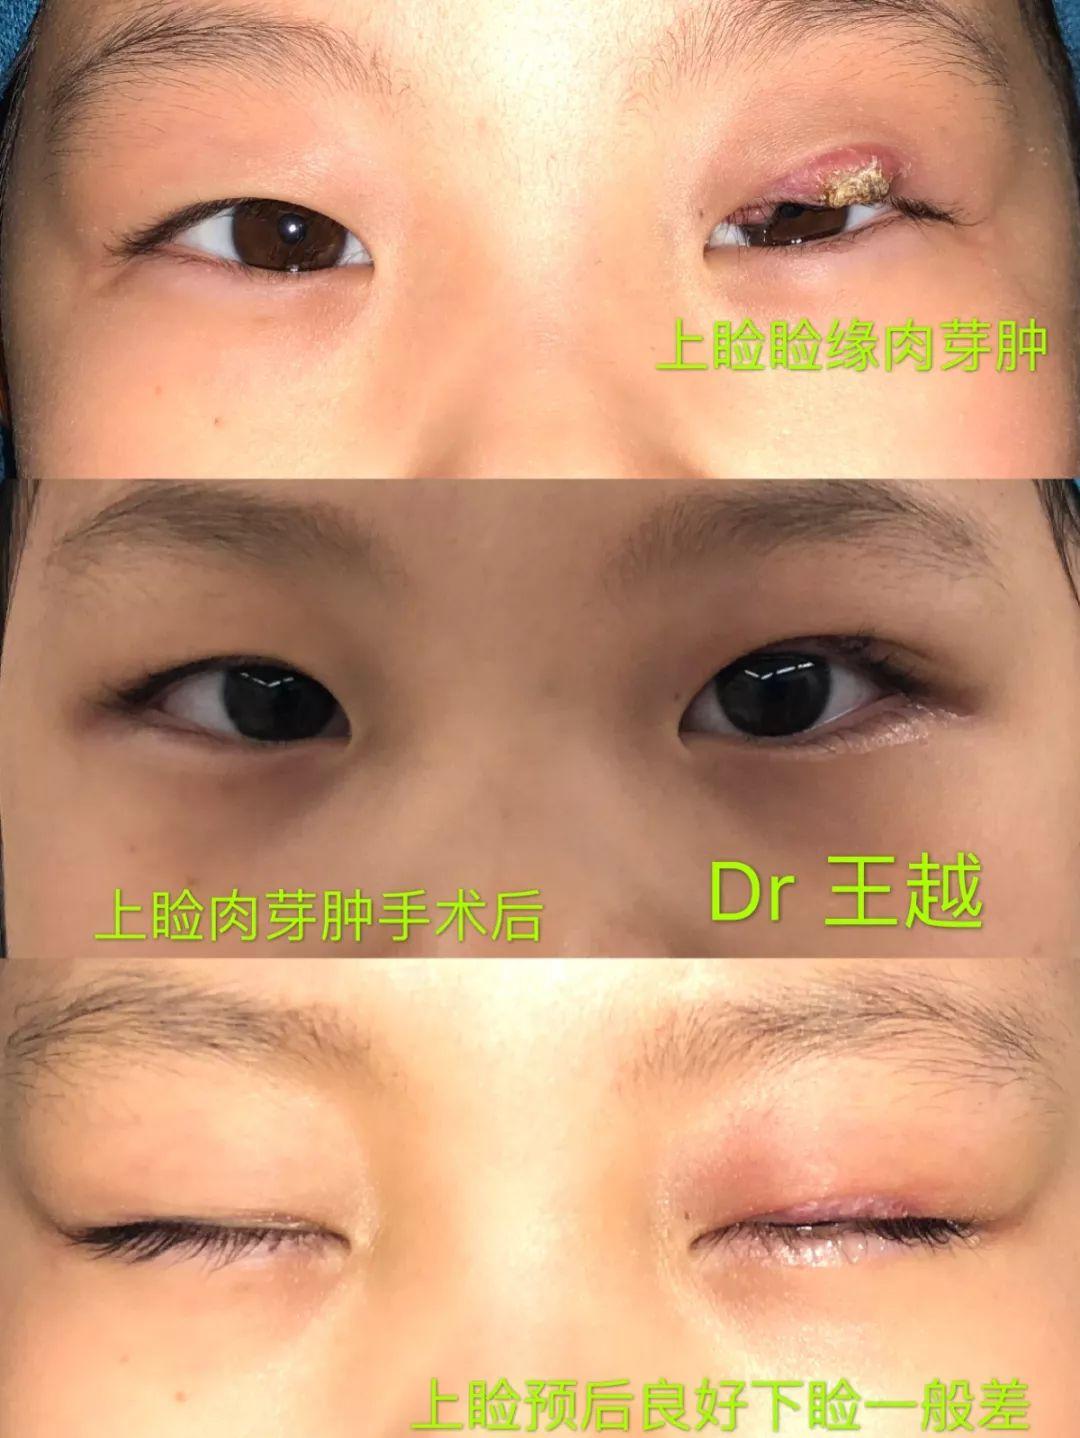 手術 霰粒 後 腫 眼形成手術手技 動画説明【化膿性霰粒腫】